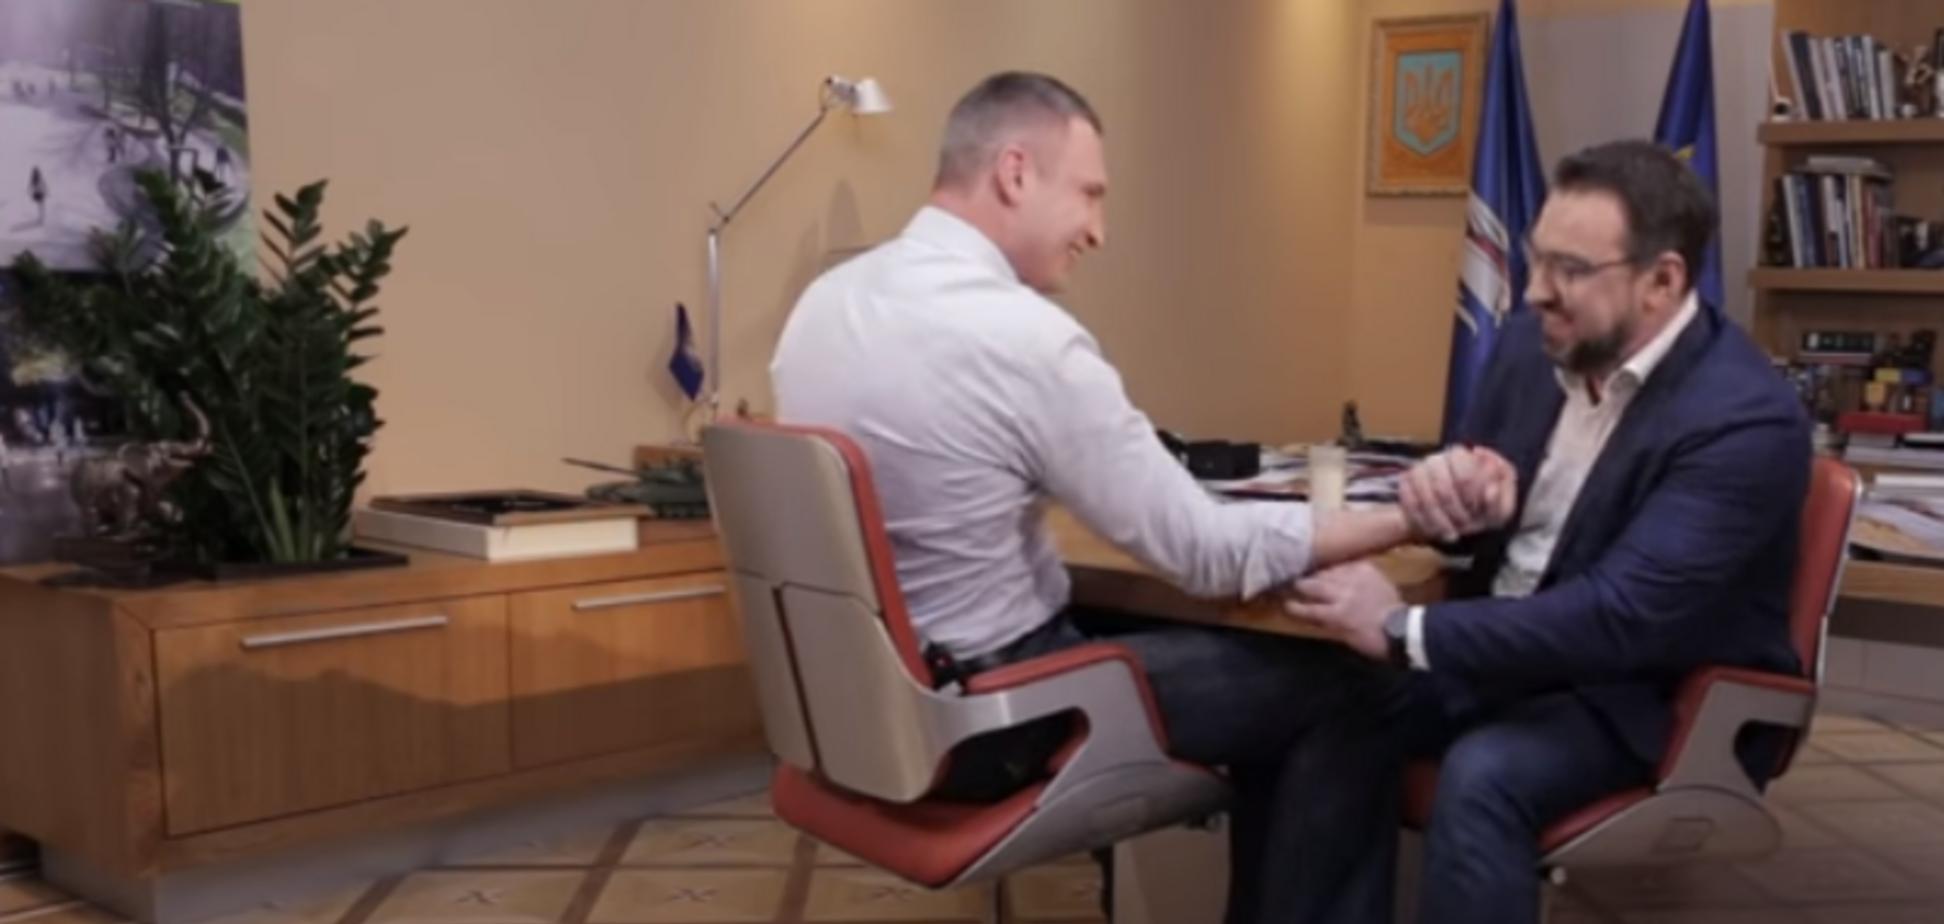 Орест Сохар победил Виталия Кличко в армрестлинге